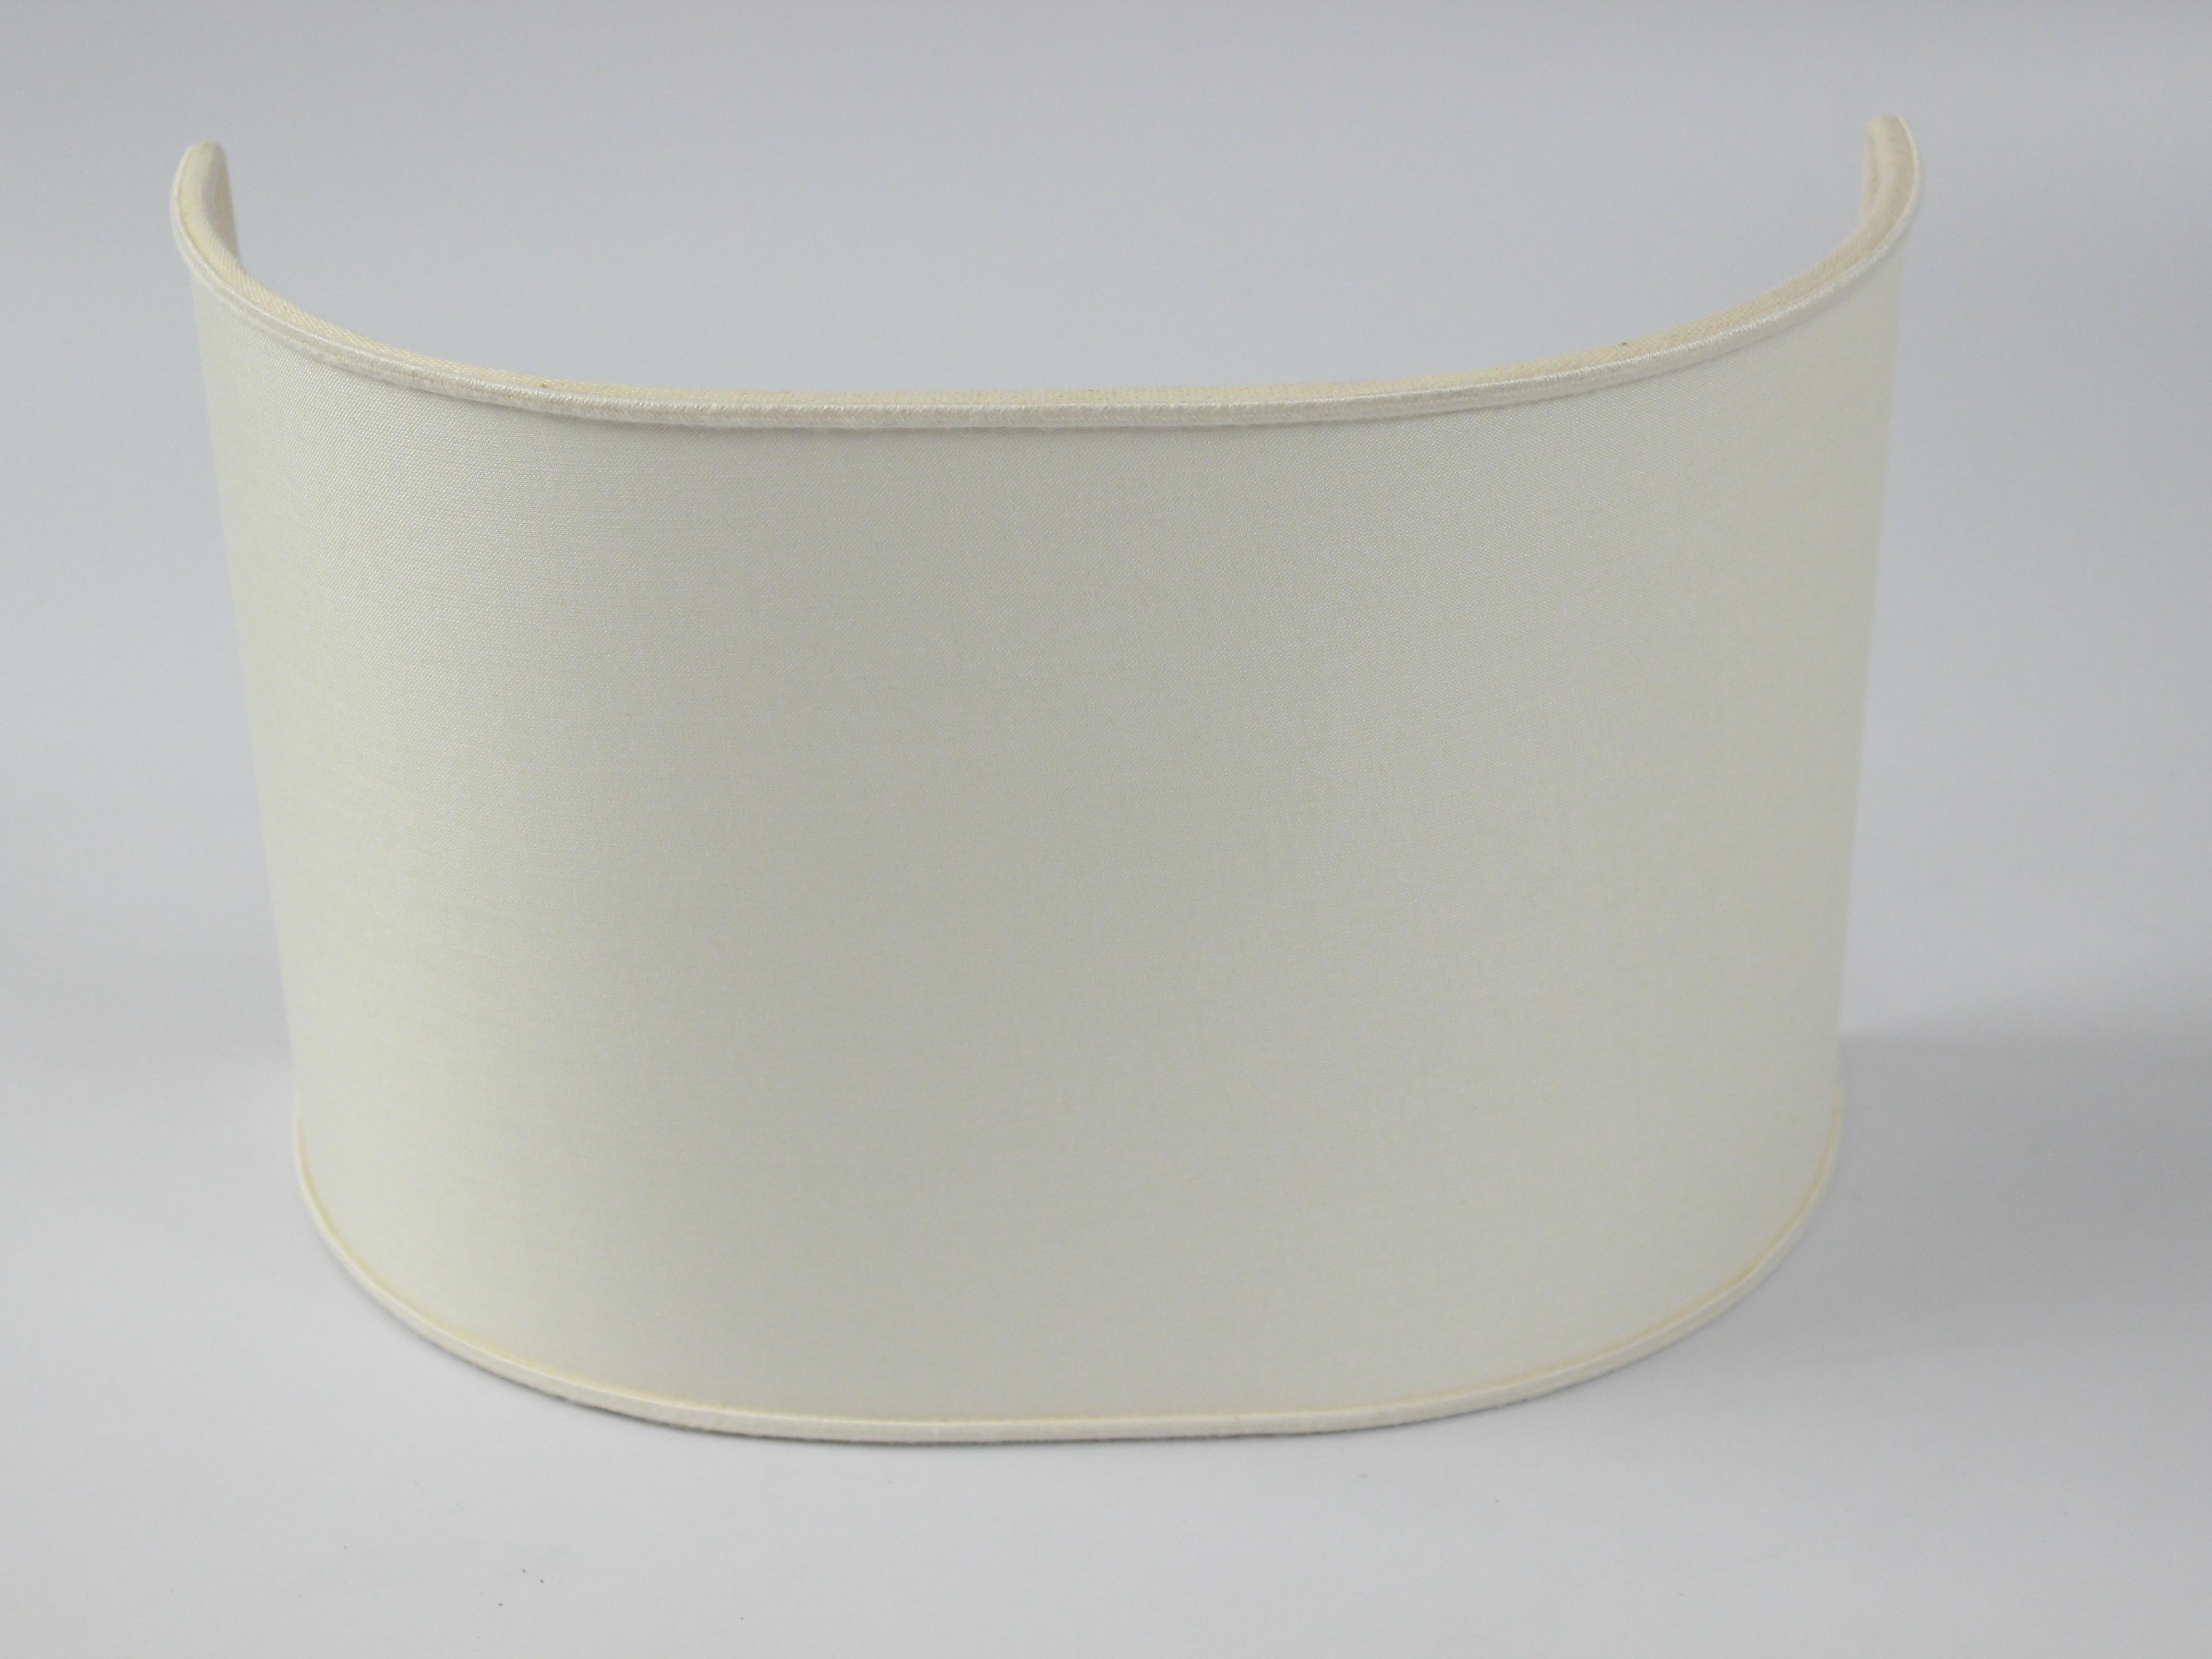 Plafoniere Da Soffitto In Tessuto : Paralume ventola arrotondata in tessuto fatto a mano italia